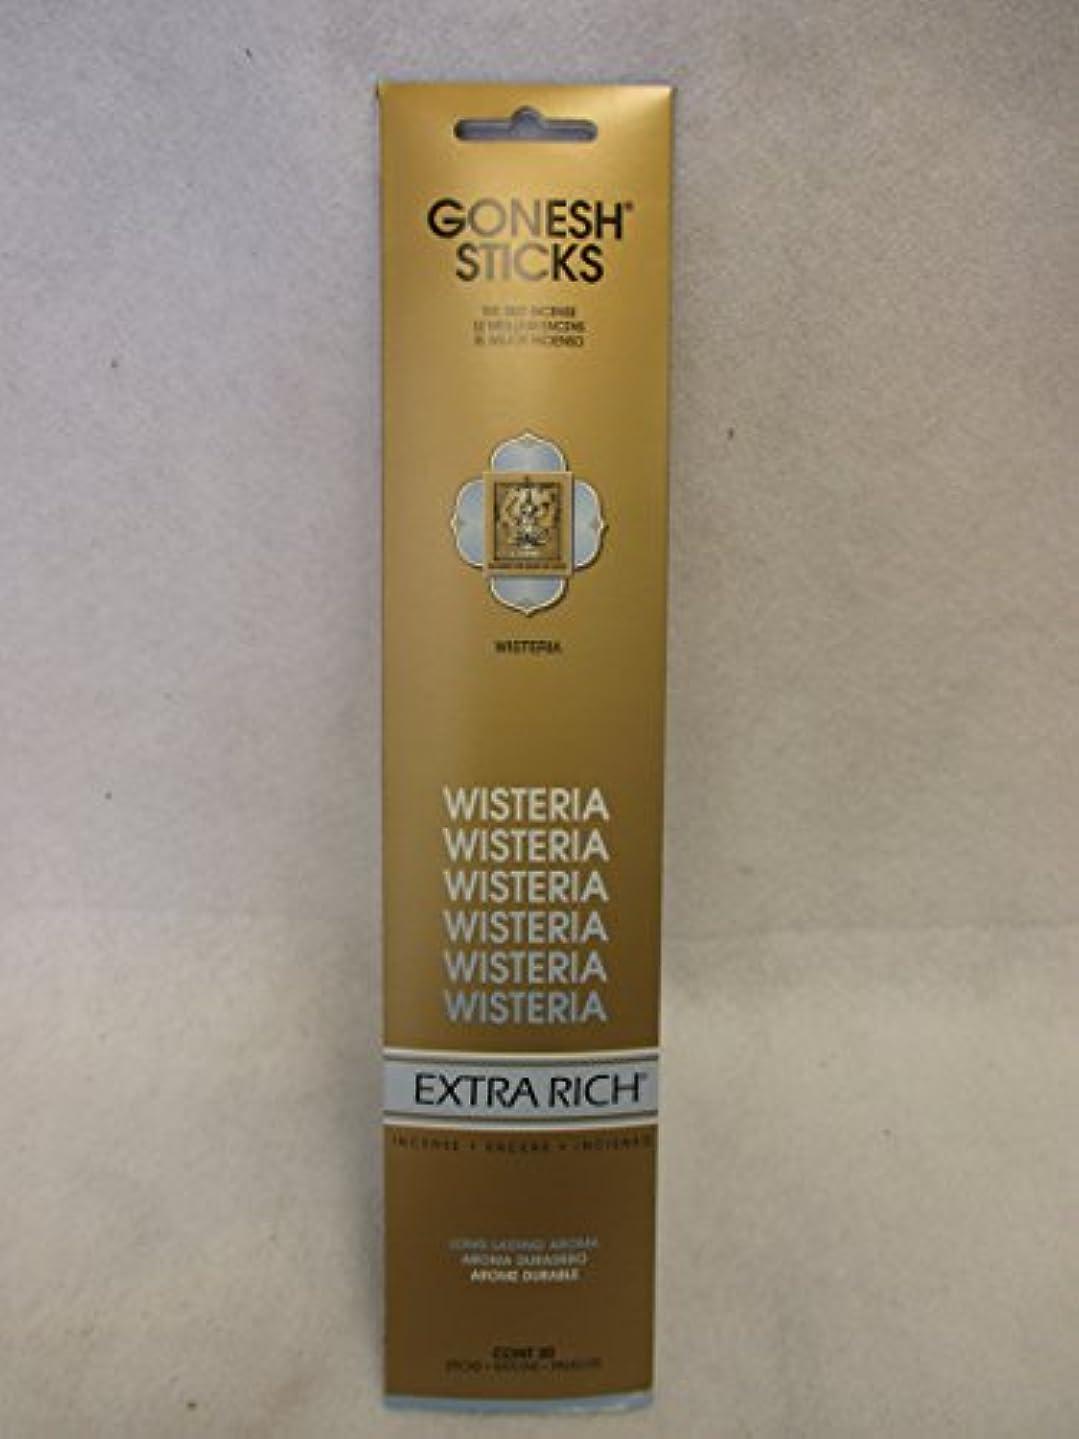 がっかりする引用委員長Gonesh Extra Rich Incense Sticks Wisteria 12パックof 20 ( 240 Count )